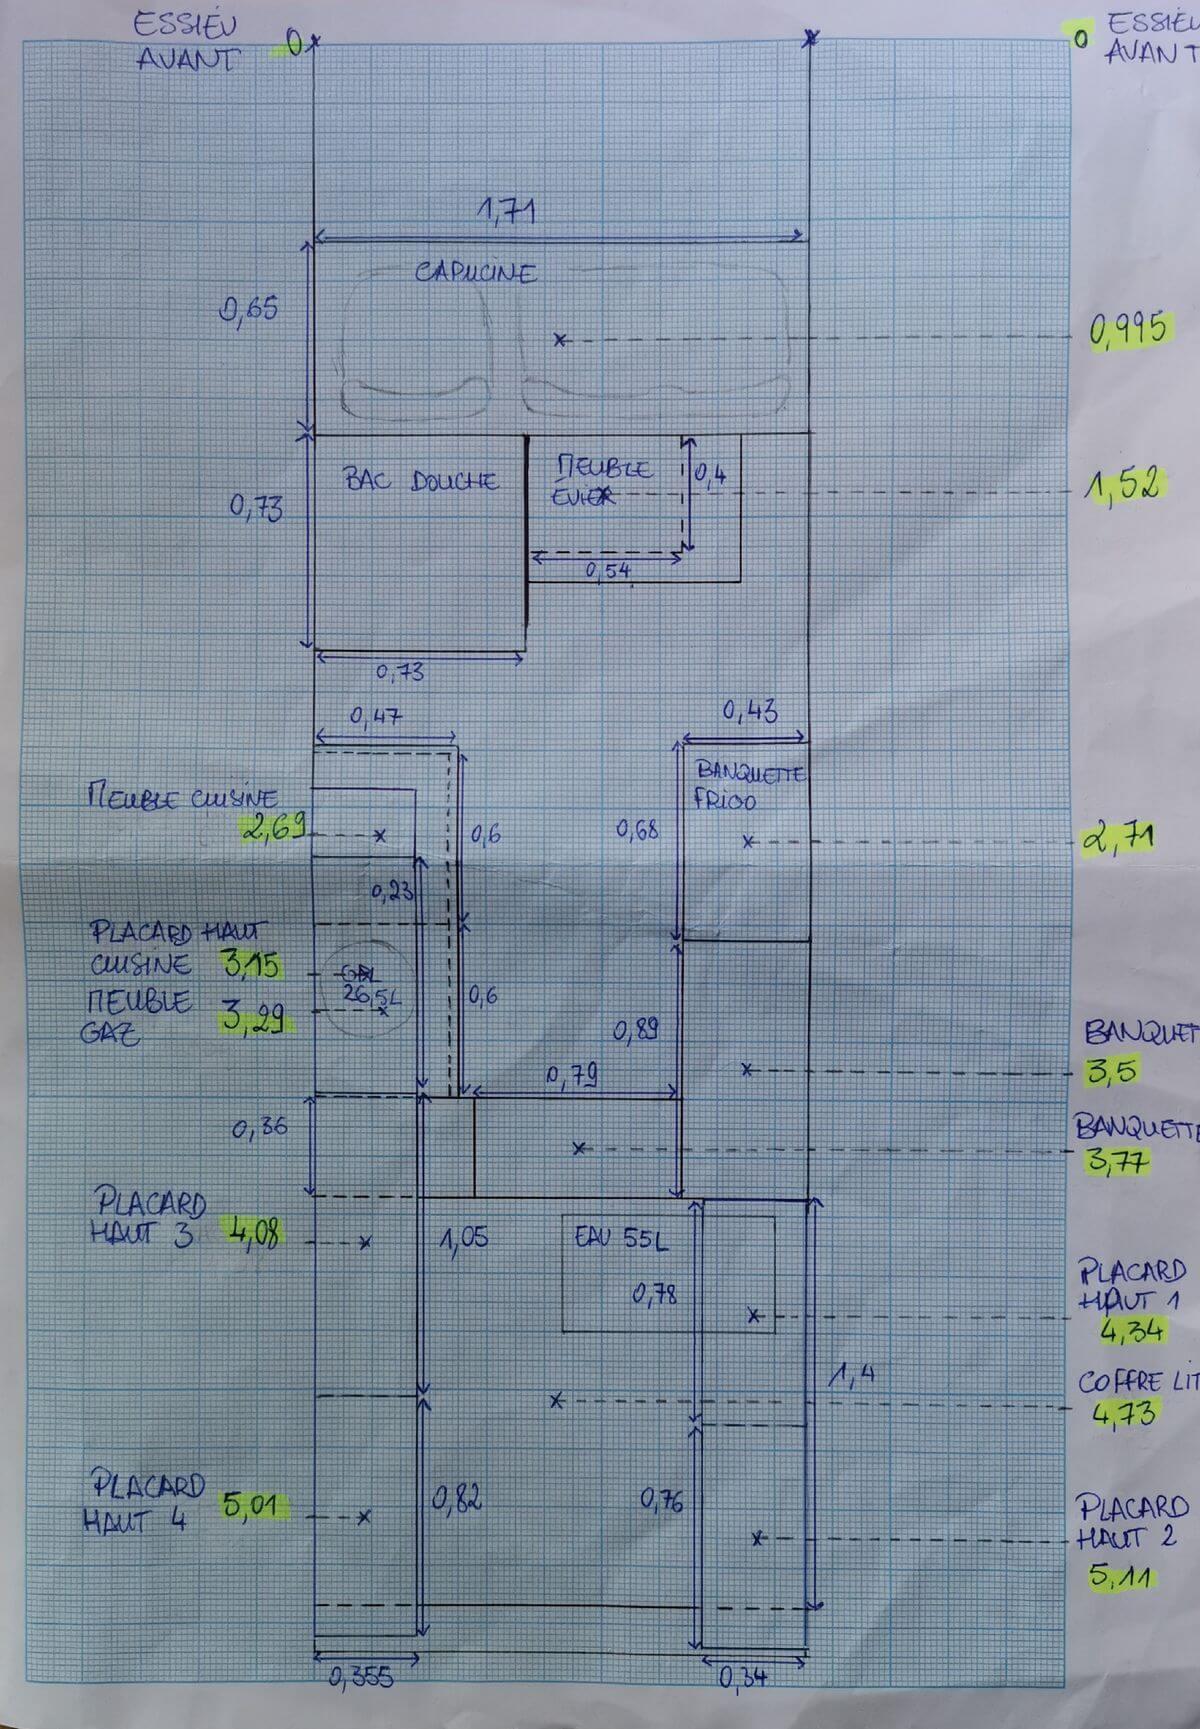 Plan a la main, plan côté aménagement vasp, plan répartition des charges